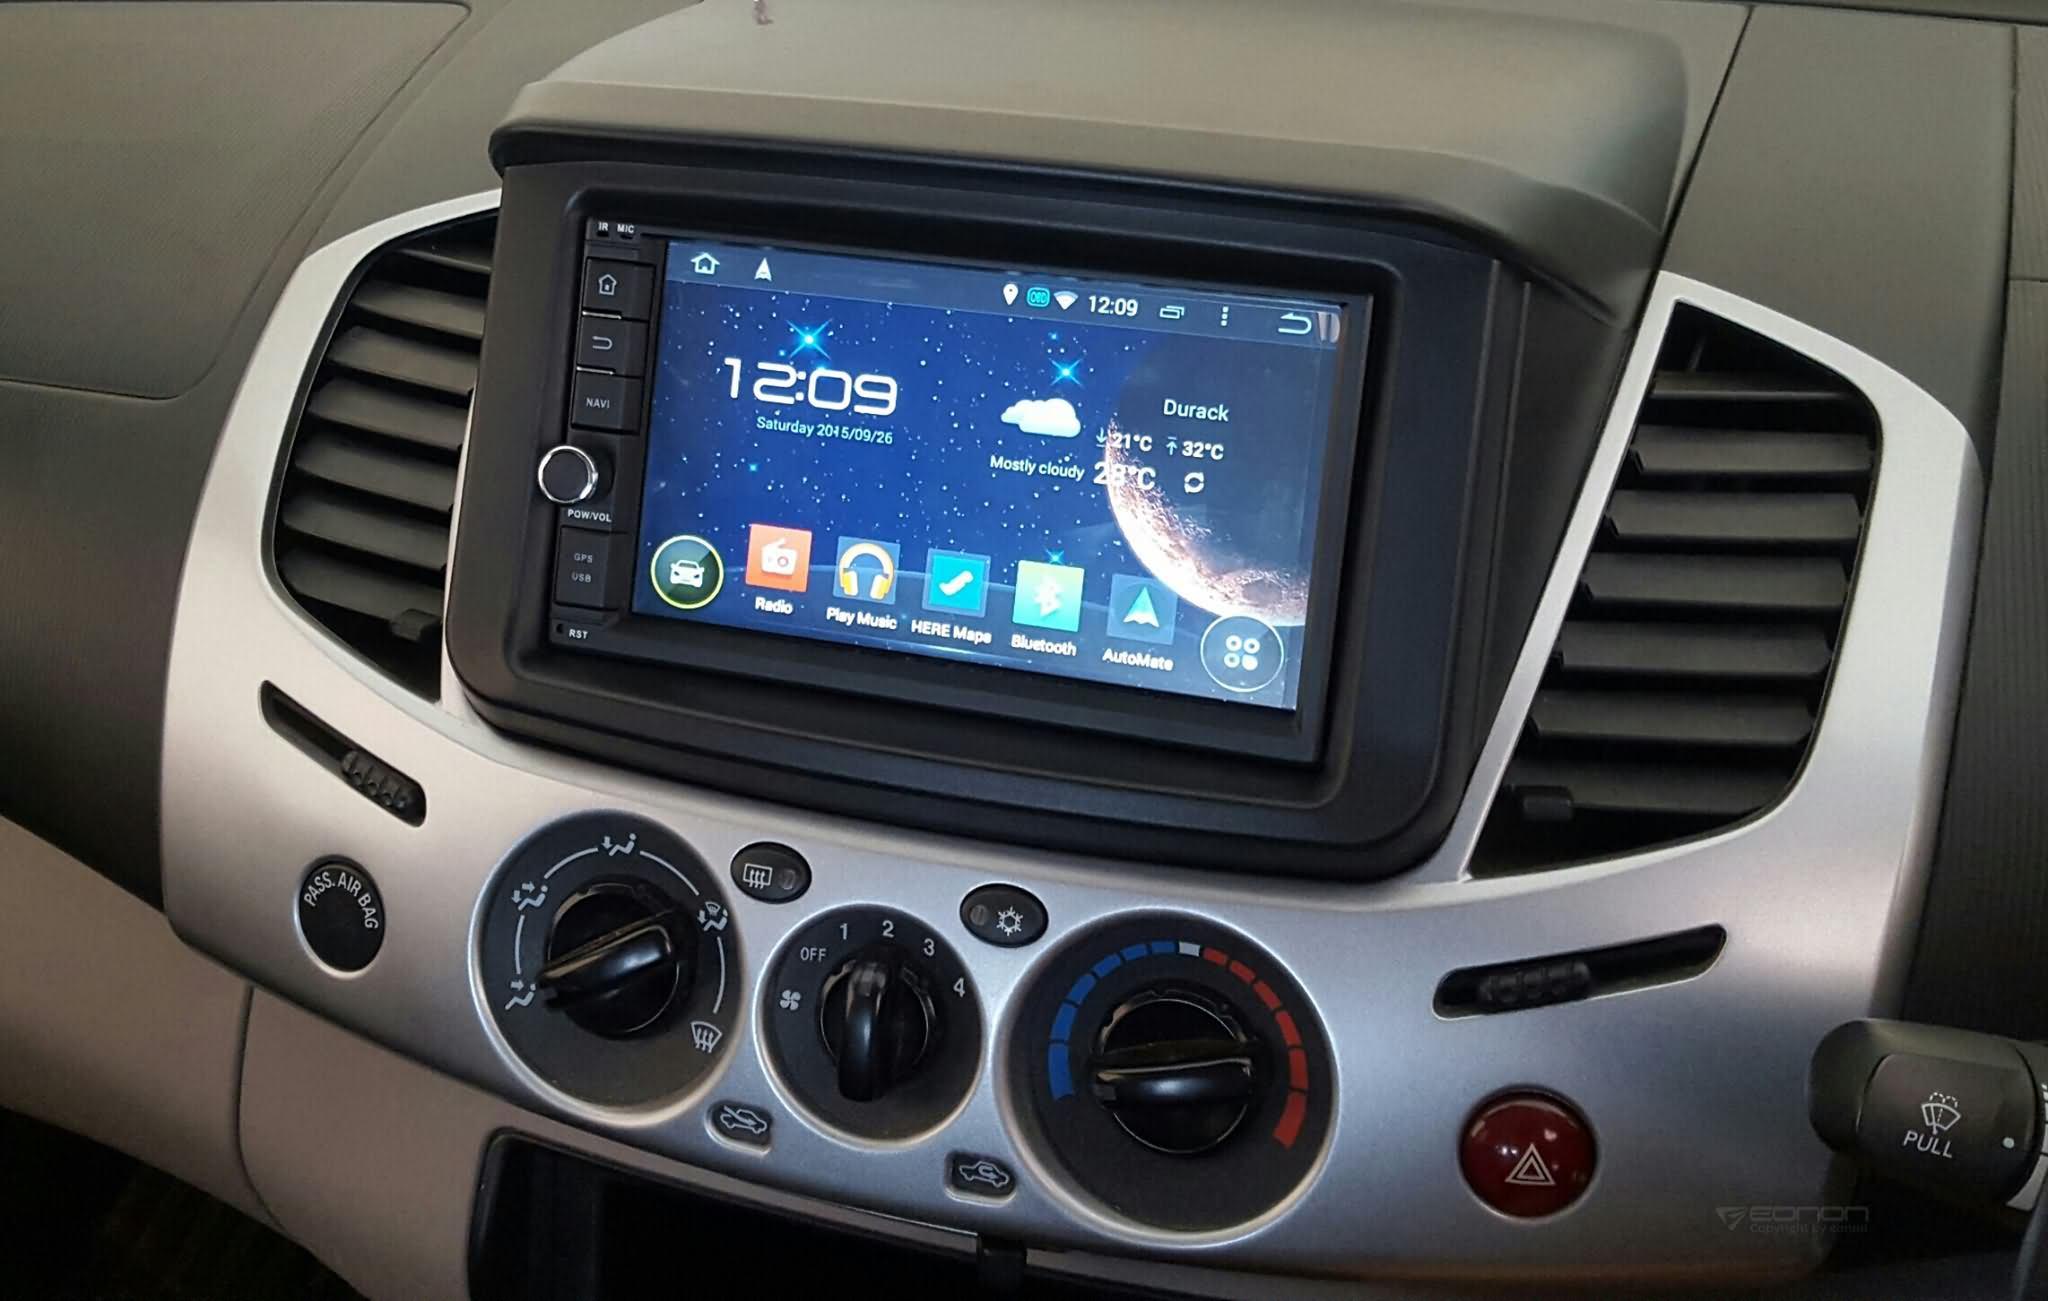 2 din gps navigation android 2 din car stereo at. Black Bedroom Furniture Sets. Home Design Ideas